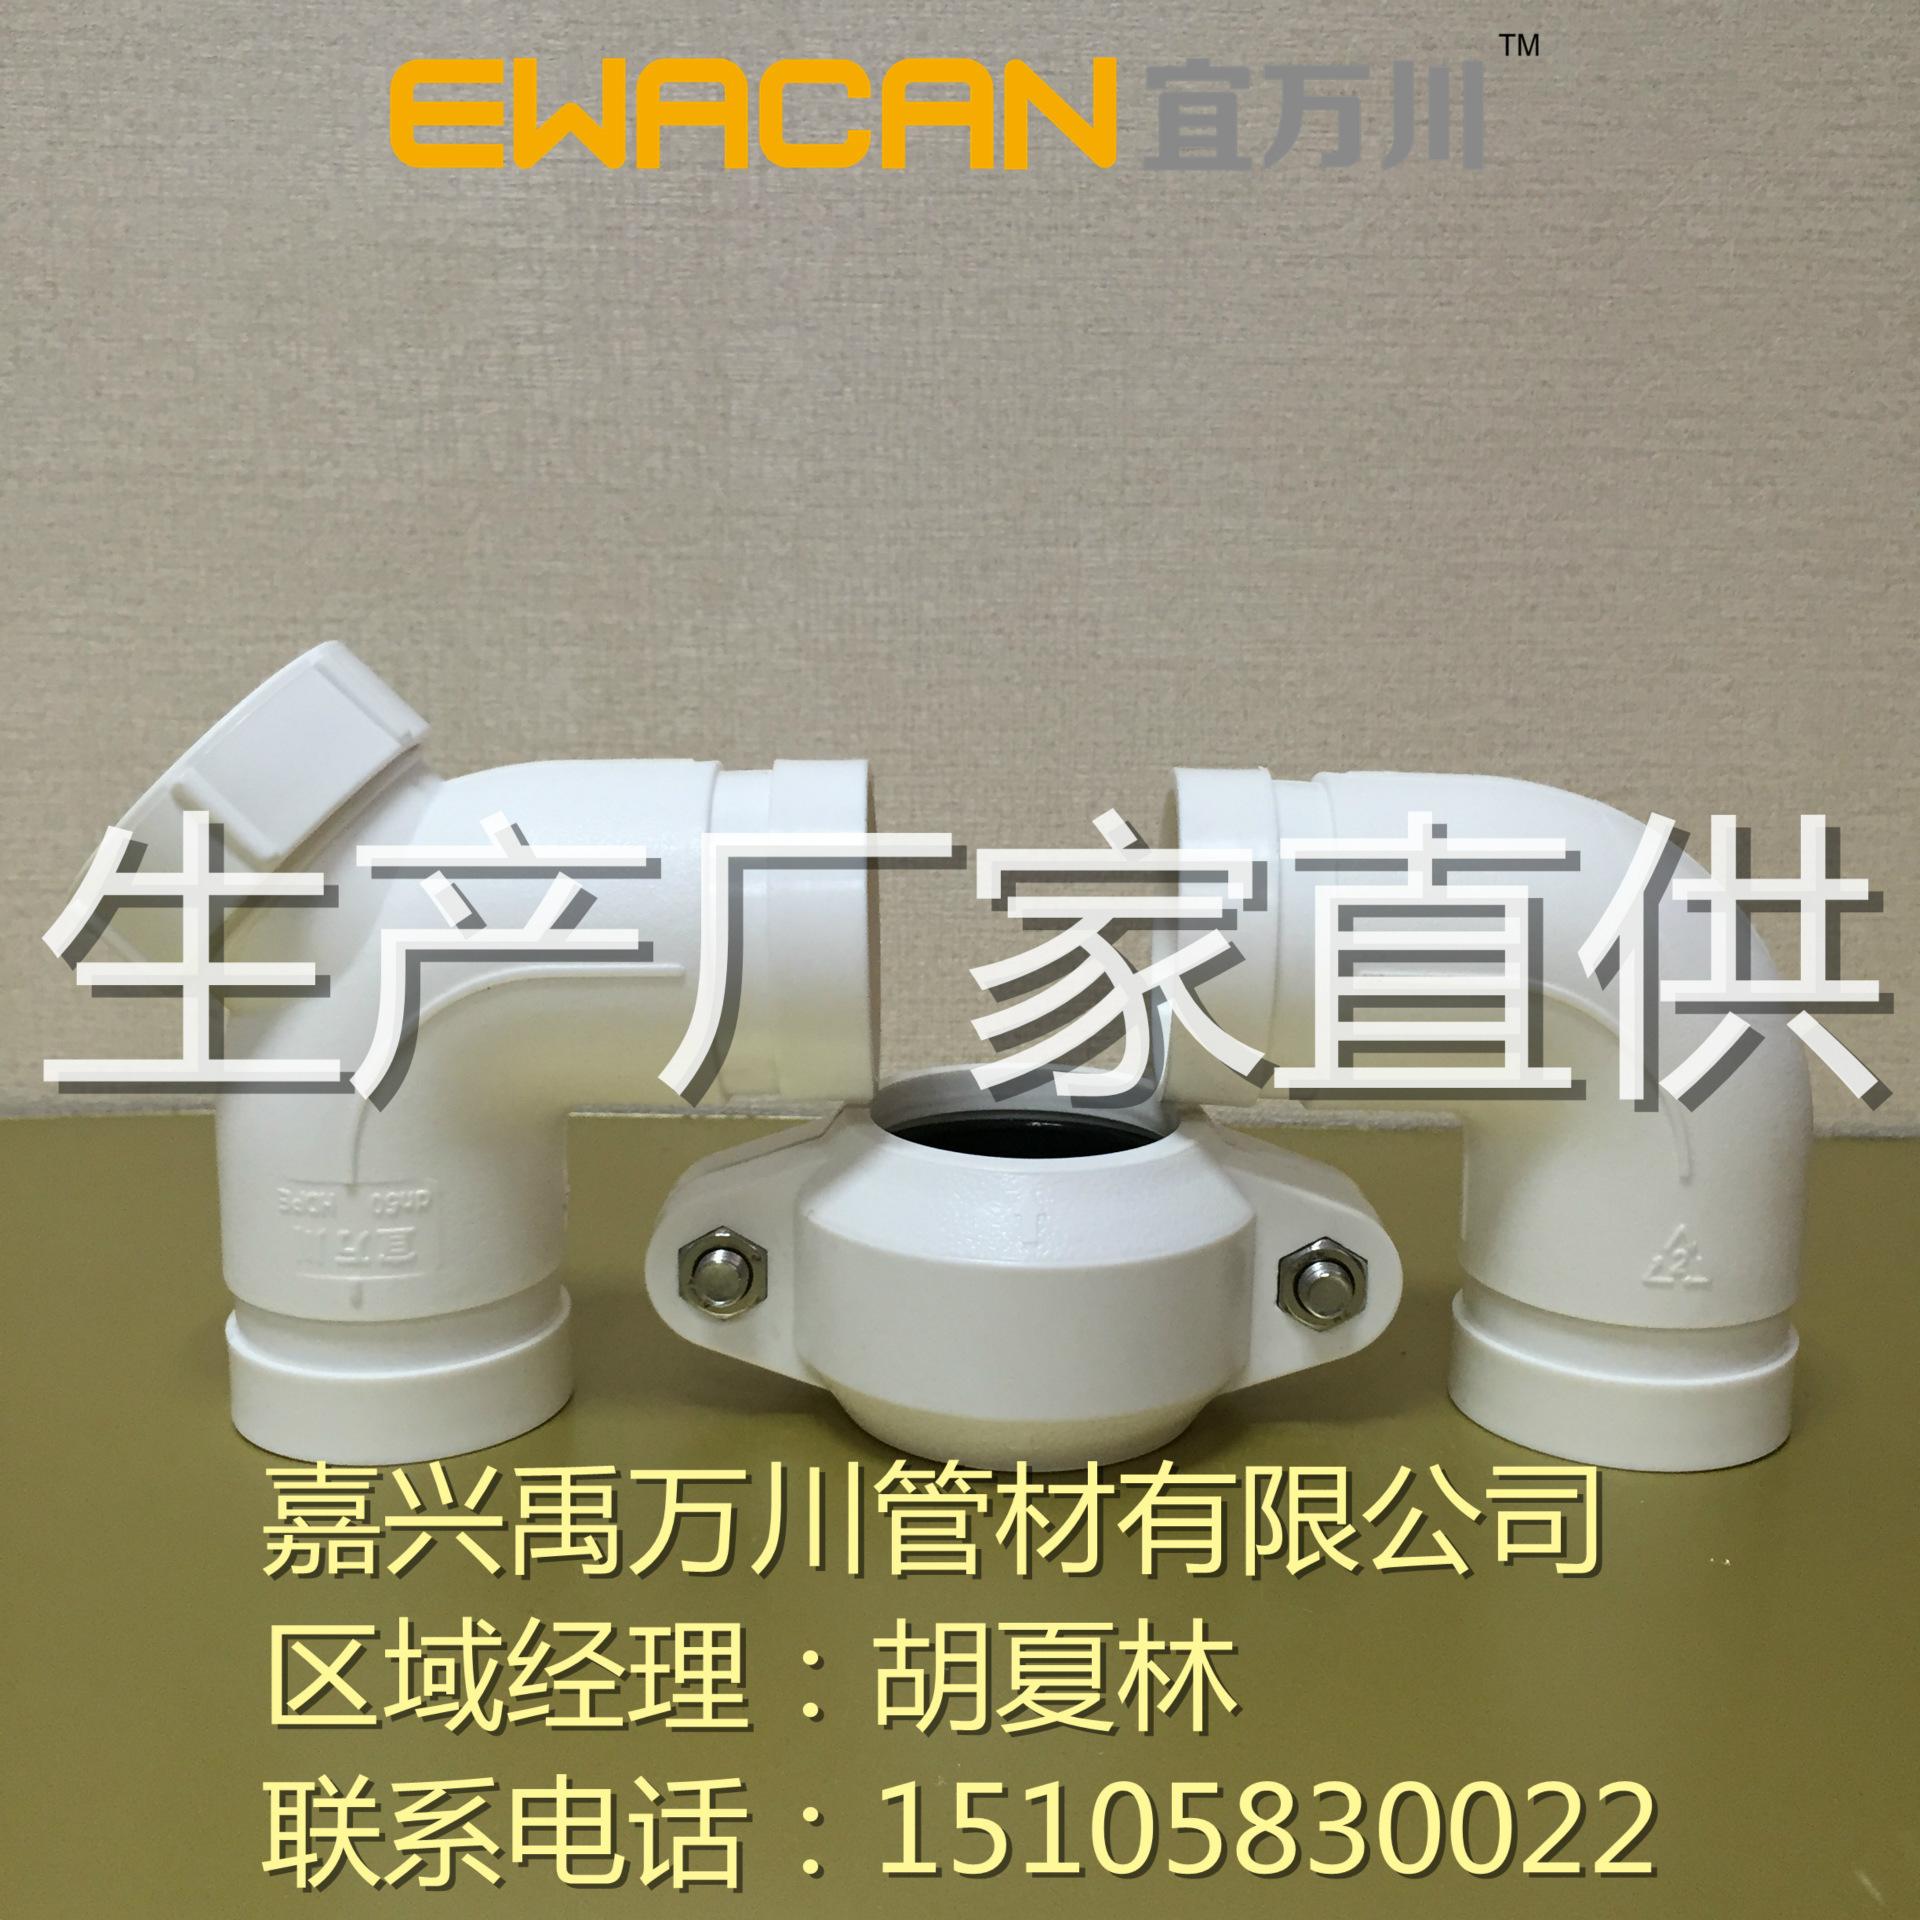 沟槽式HDPE超静音排水管,hdpe沟槽90度弯头,沟槽PE管,PE管示例图2